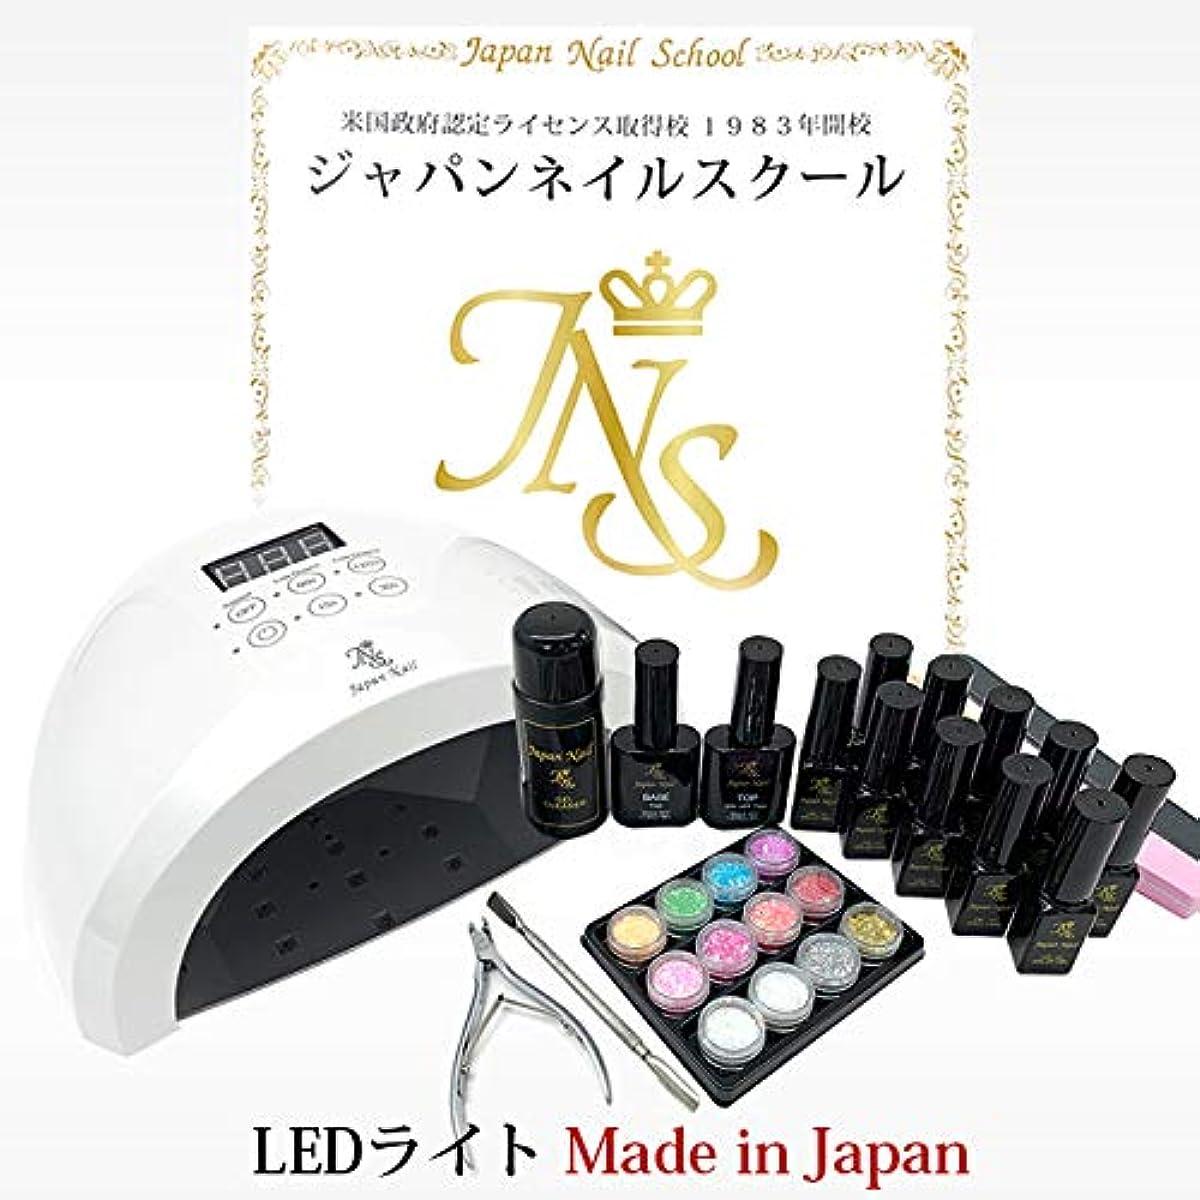 受ける姪謎めいた弱爪?傷爪でも熱くない2つのローダウン機能搭載ジェルネイルキット最新型日本製LEDライトn7初心者も安心の5年間サポート付